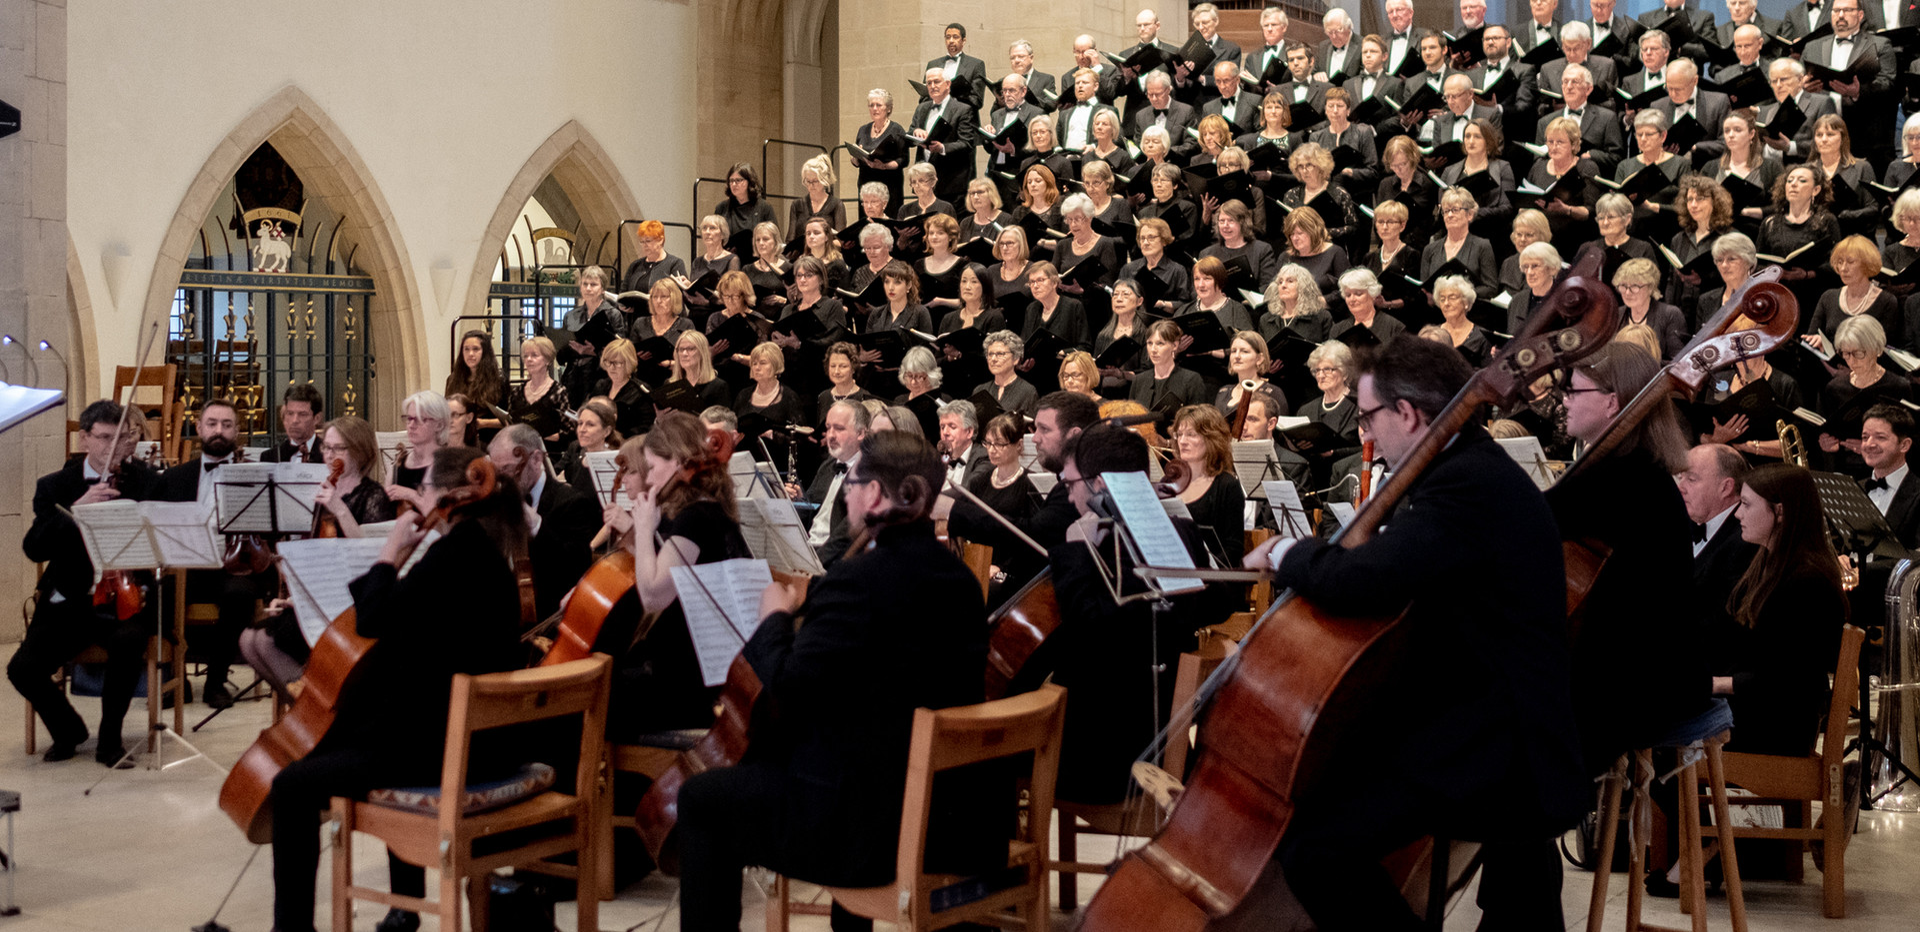 Choir_Guildford-11.jpg